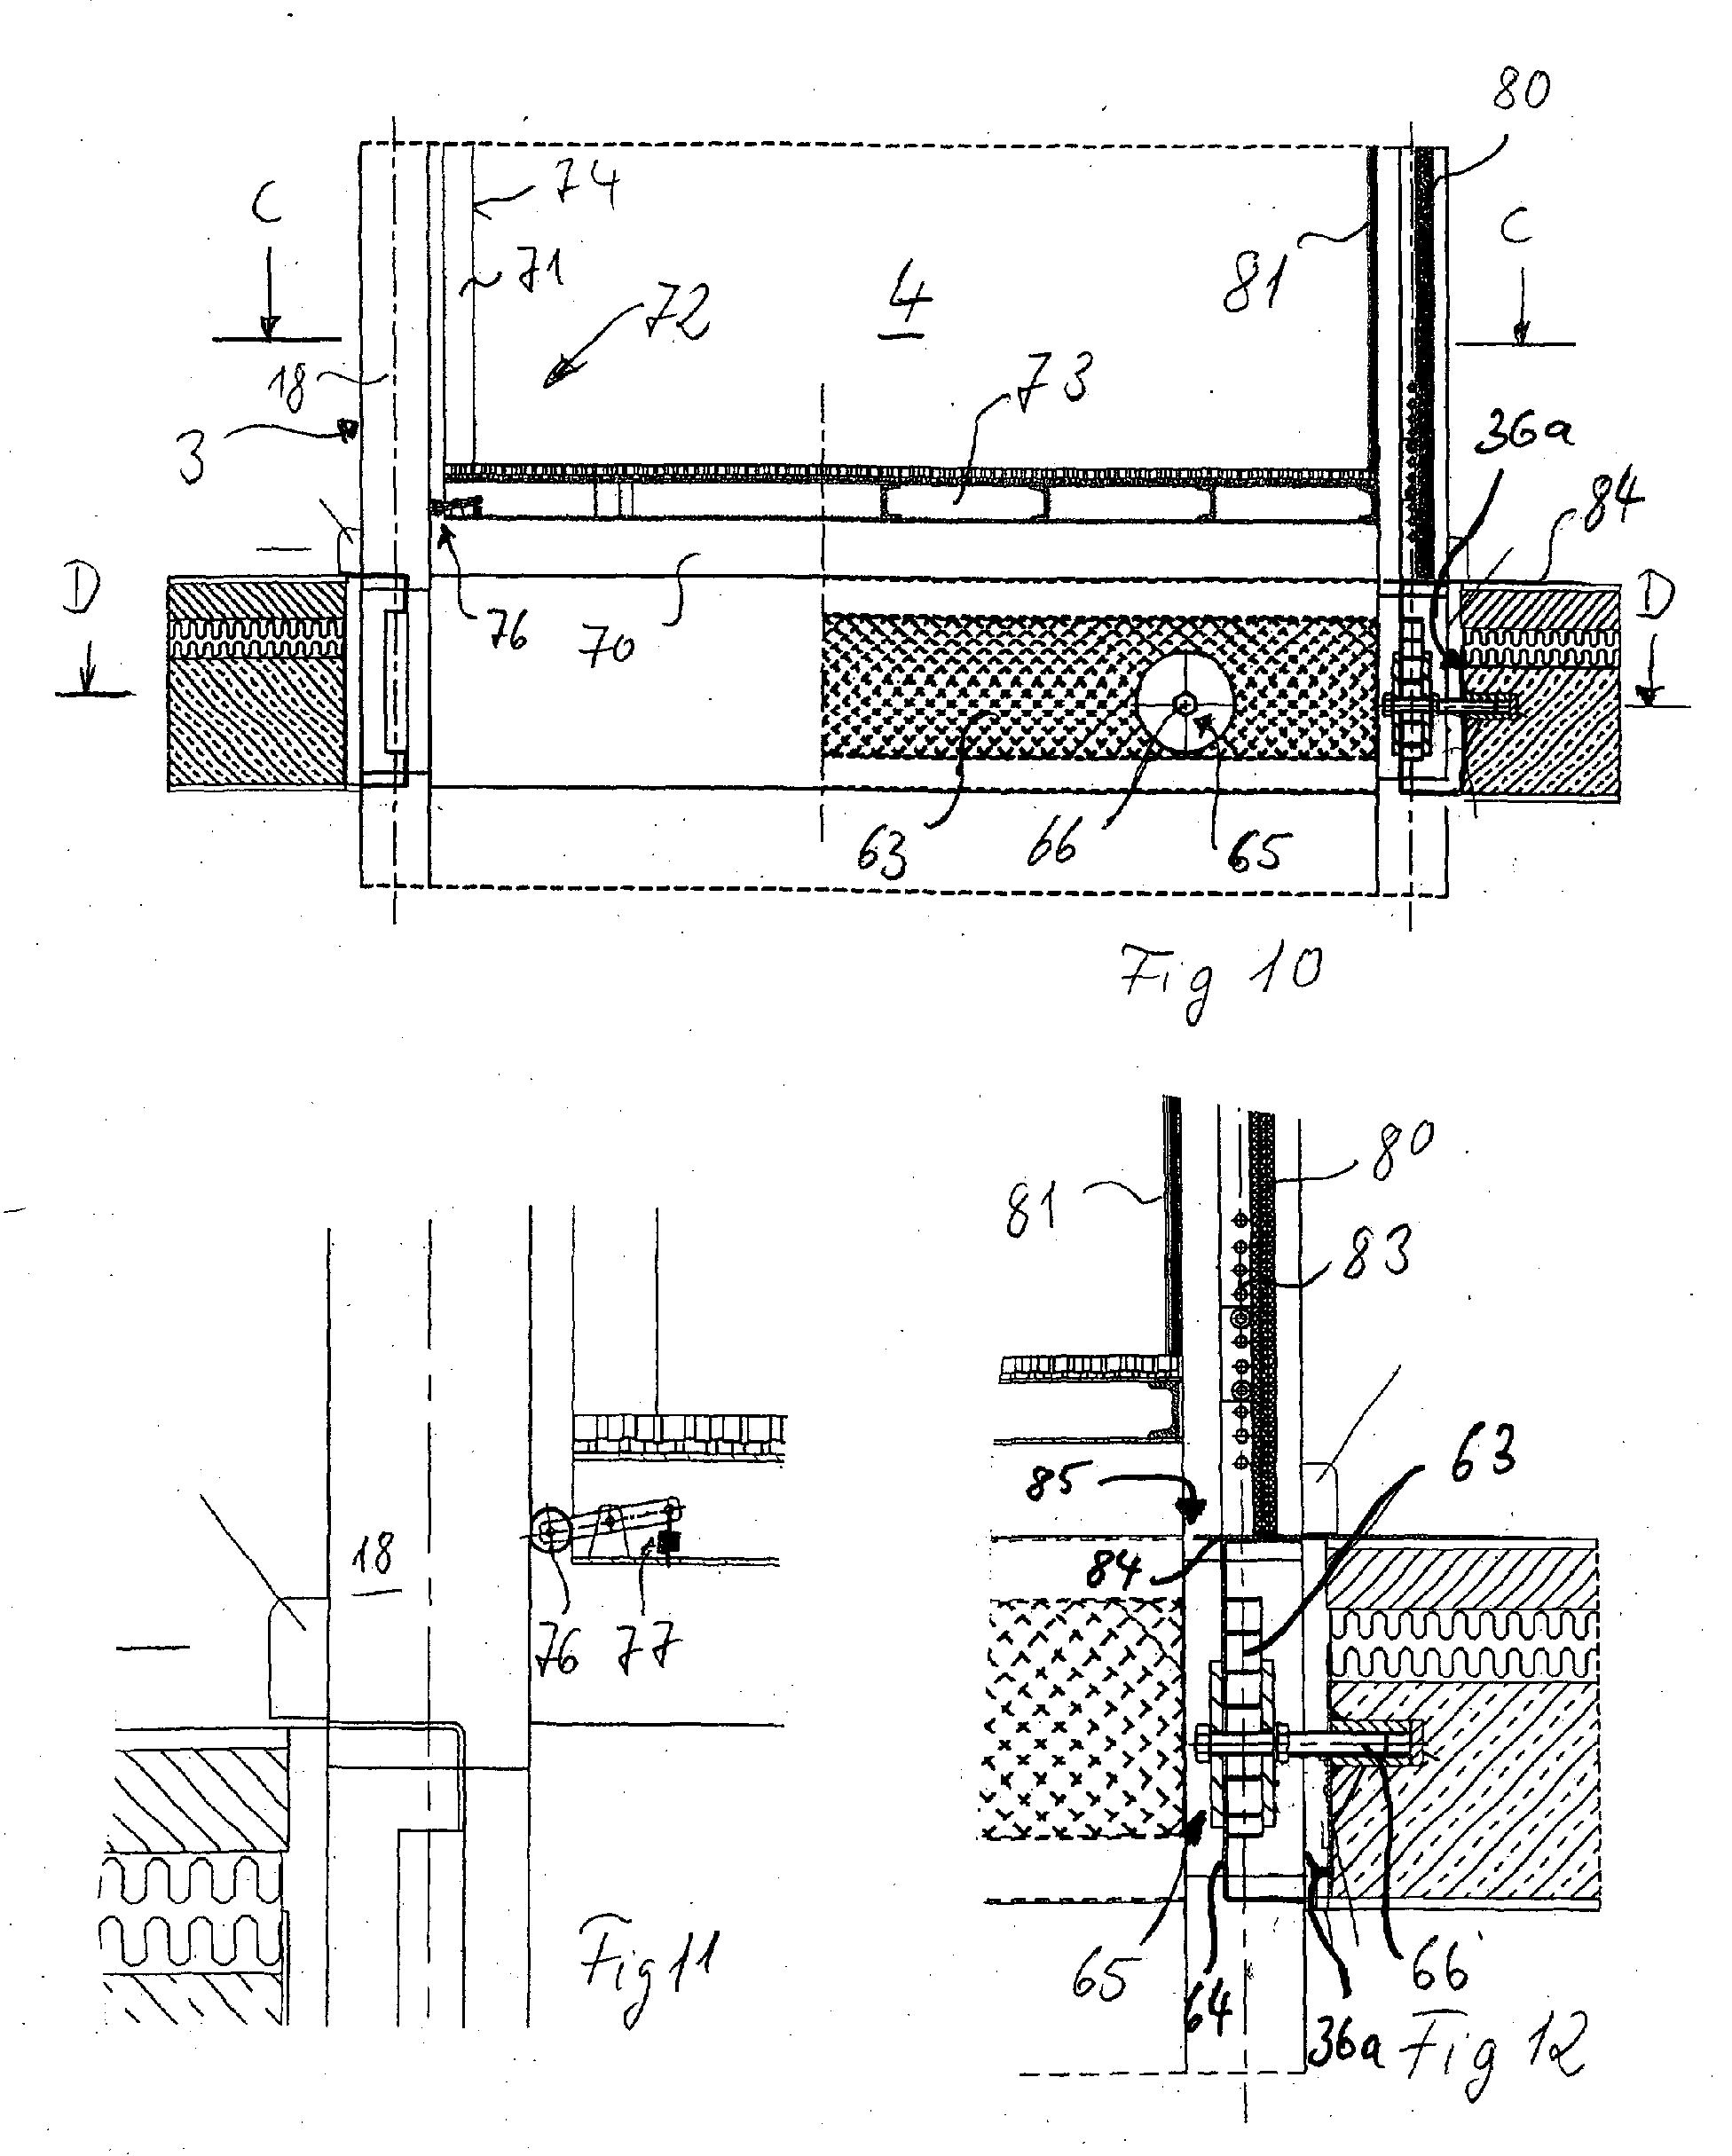 patent ep1380532a1 verfahren zum nachtr glichen einbau eines personenaufzugs google patents. Black Bedroom Furniture Sets. Home Design Ideas